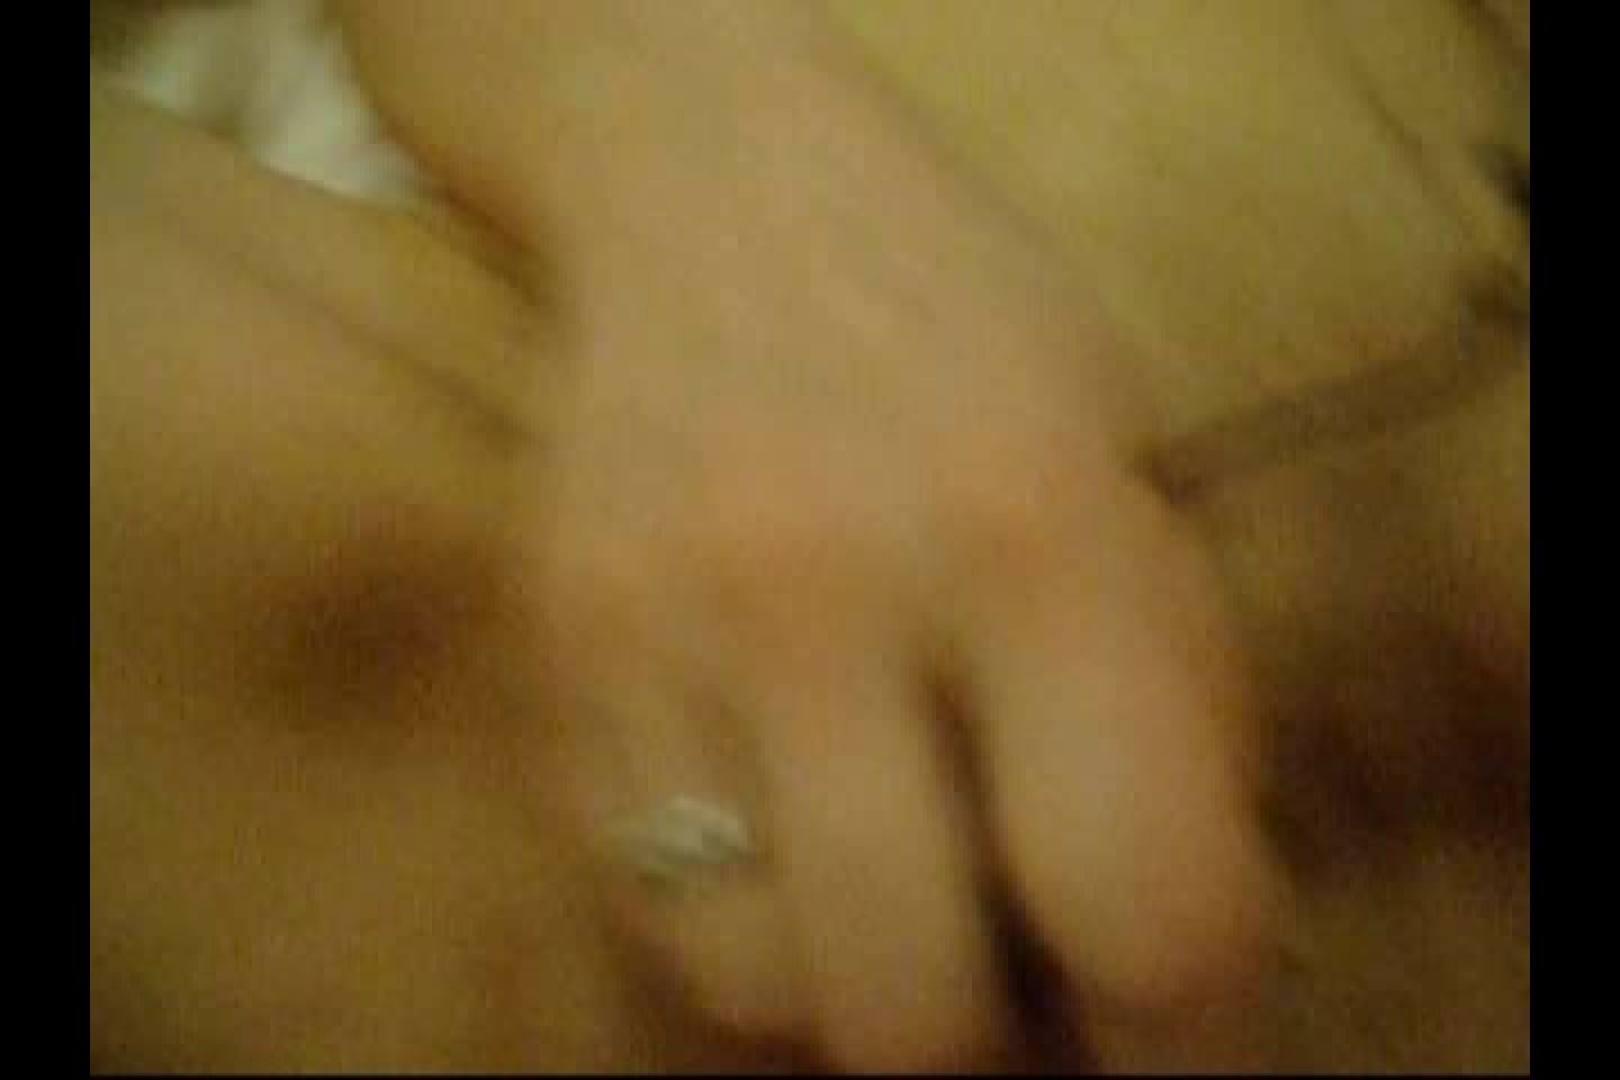 続・某掲示板に投稿された素人女性たちvol.6 フェラチオ特集 性交動画流出 106枚 15